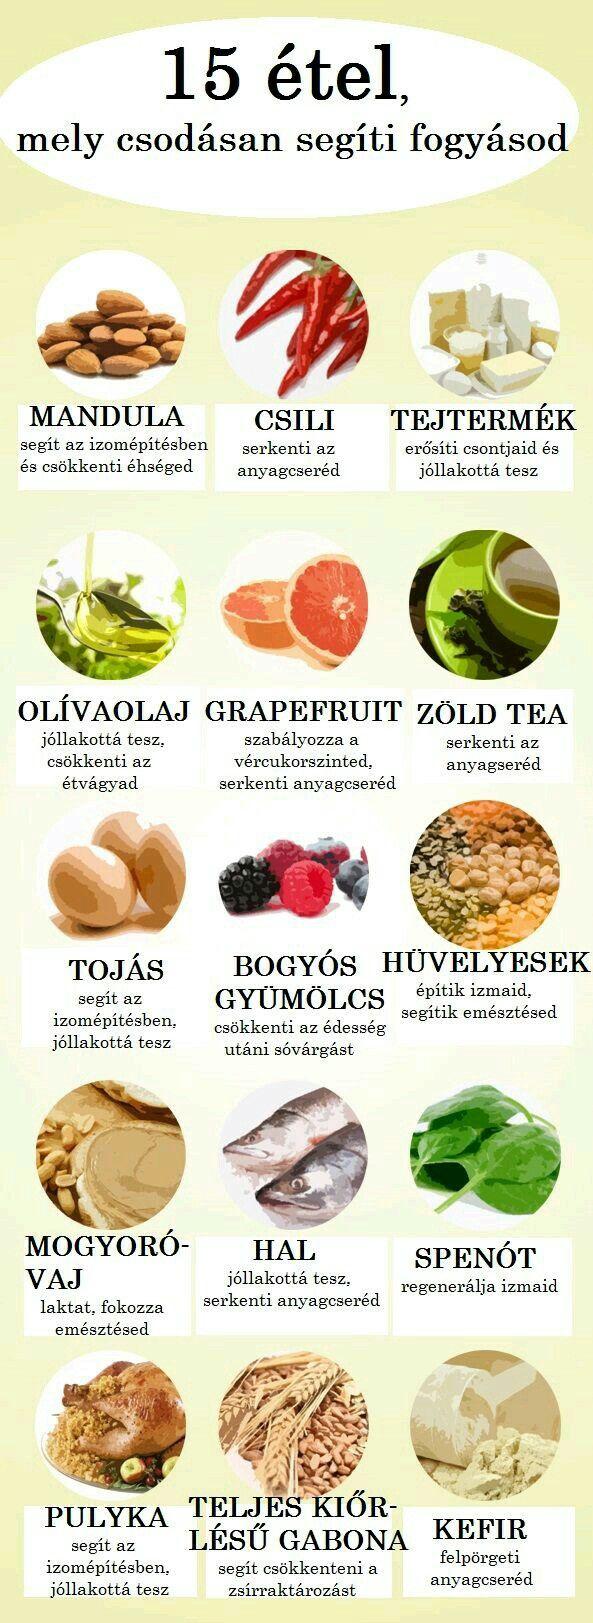 egészséges zsírégetési tippeket)